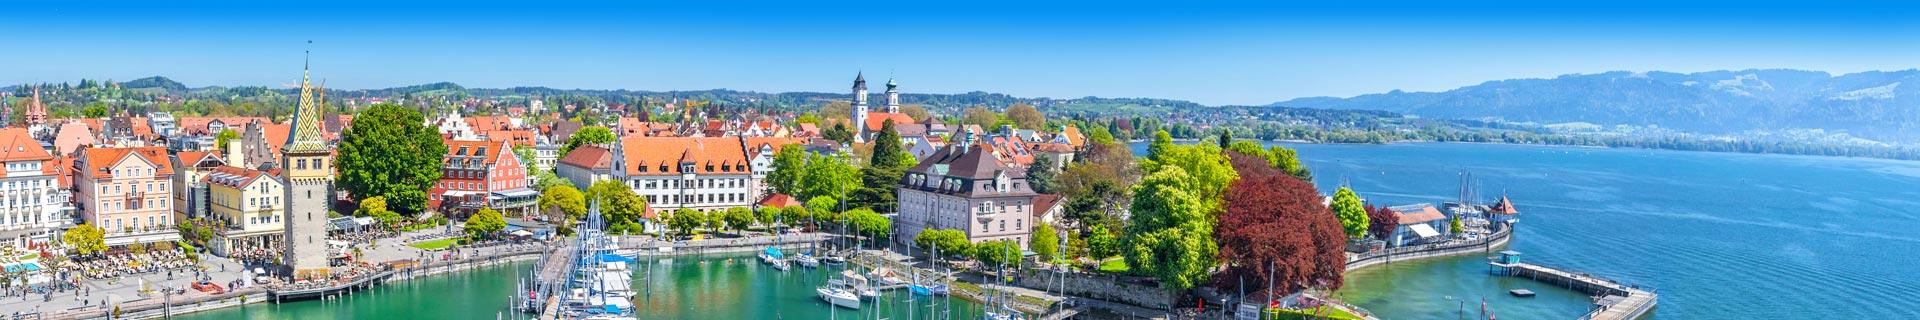 Kan ik op vakantie naar Duitsland?